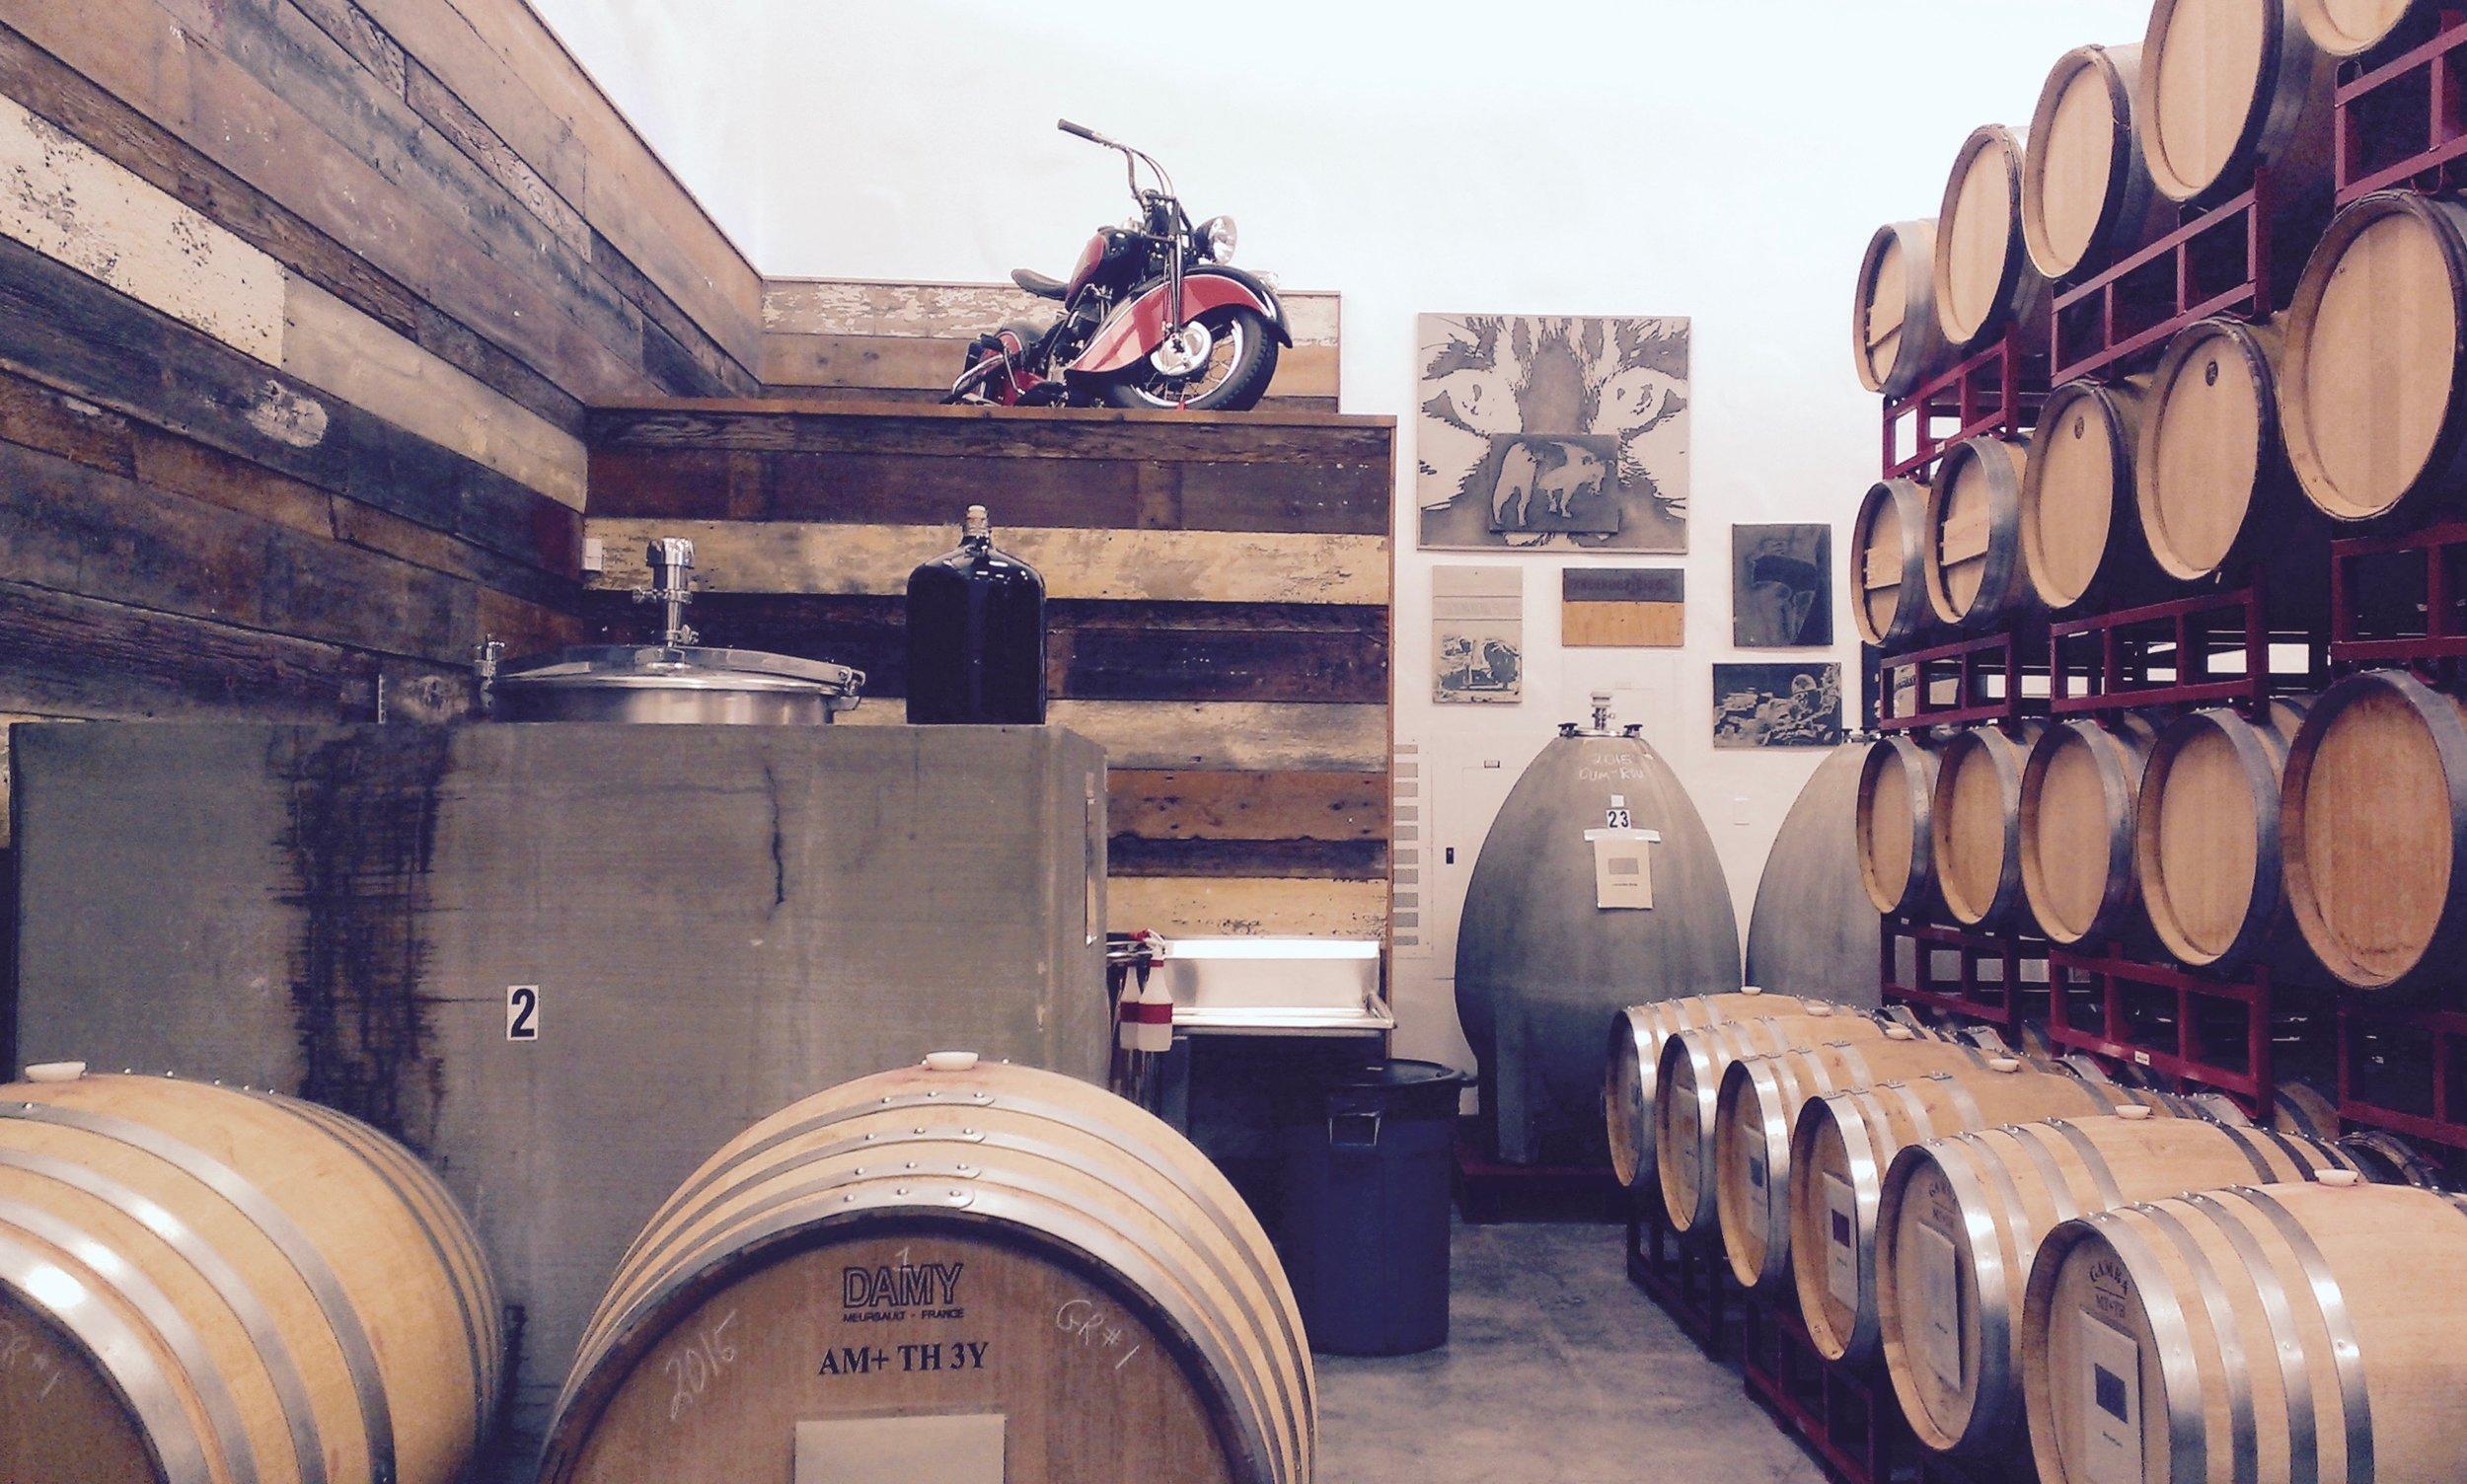 Sine Qua Non winery in Ojai